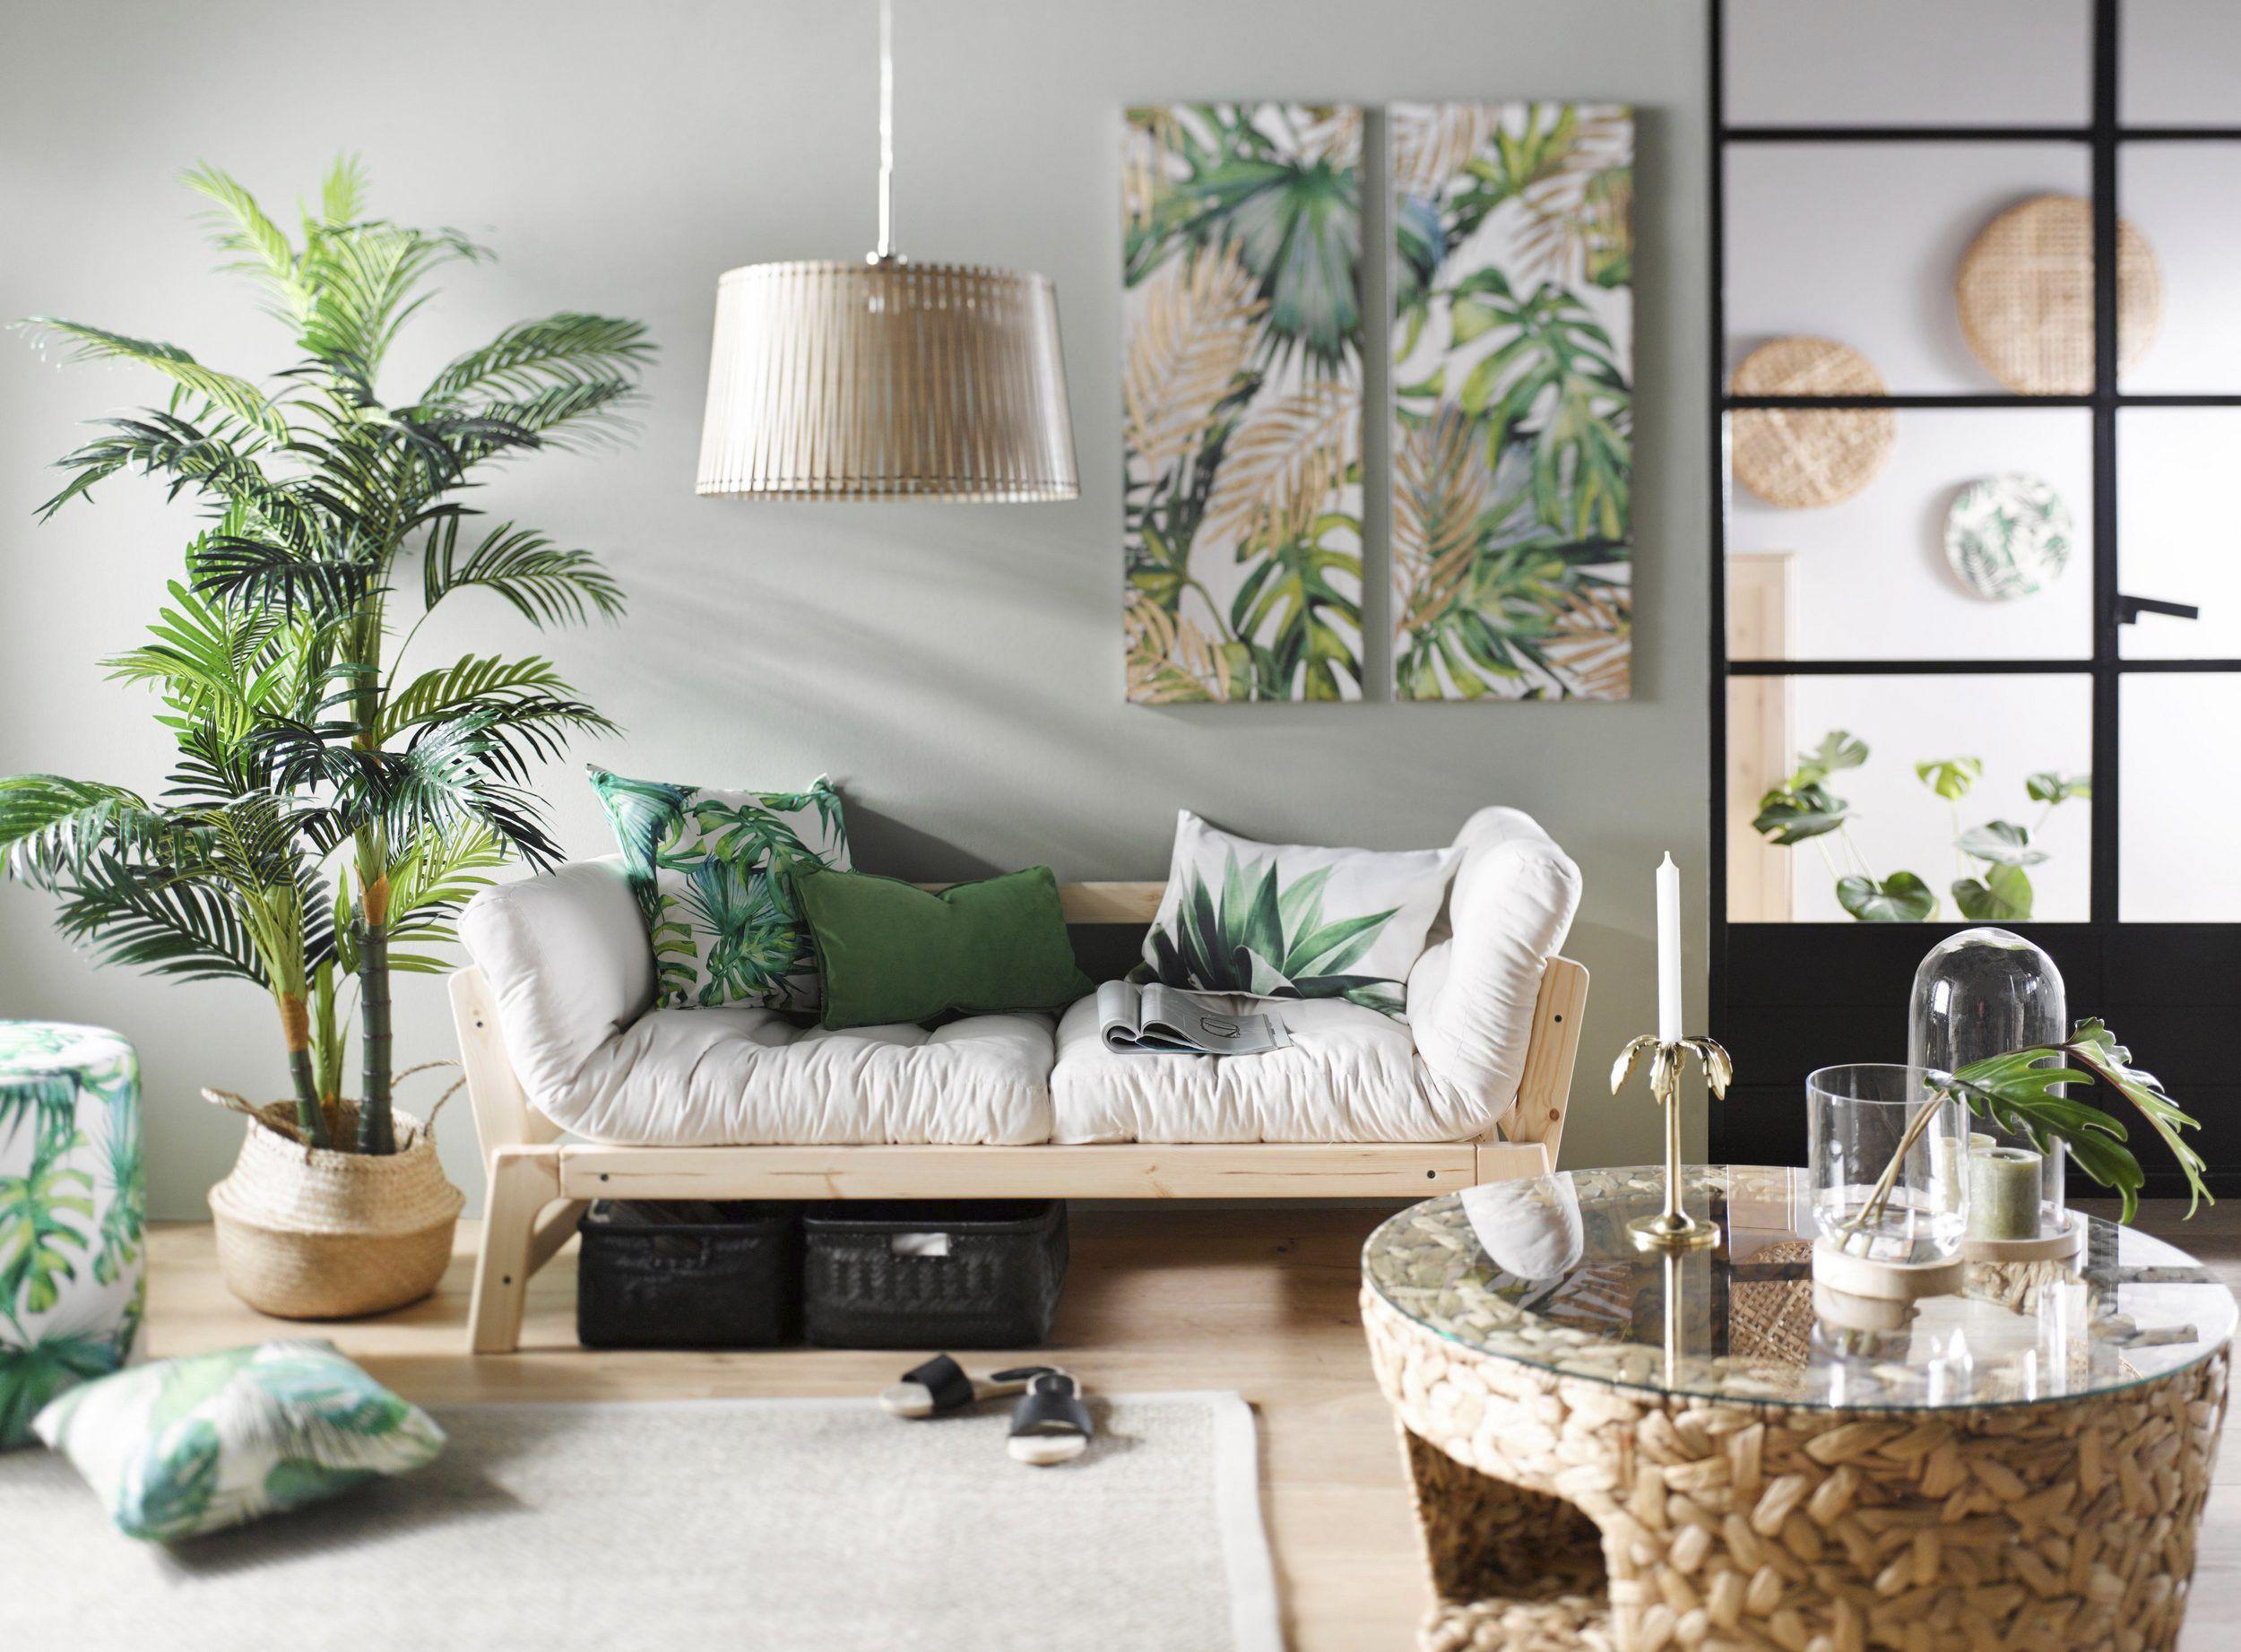 Wandgestaltung Wohnzimmer – der Urban-Jungle-Look - DAS HAUS